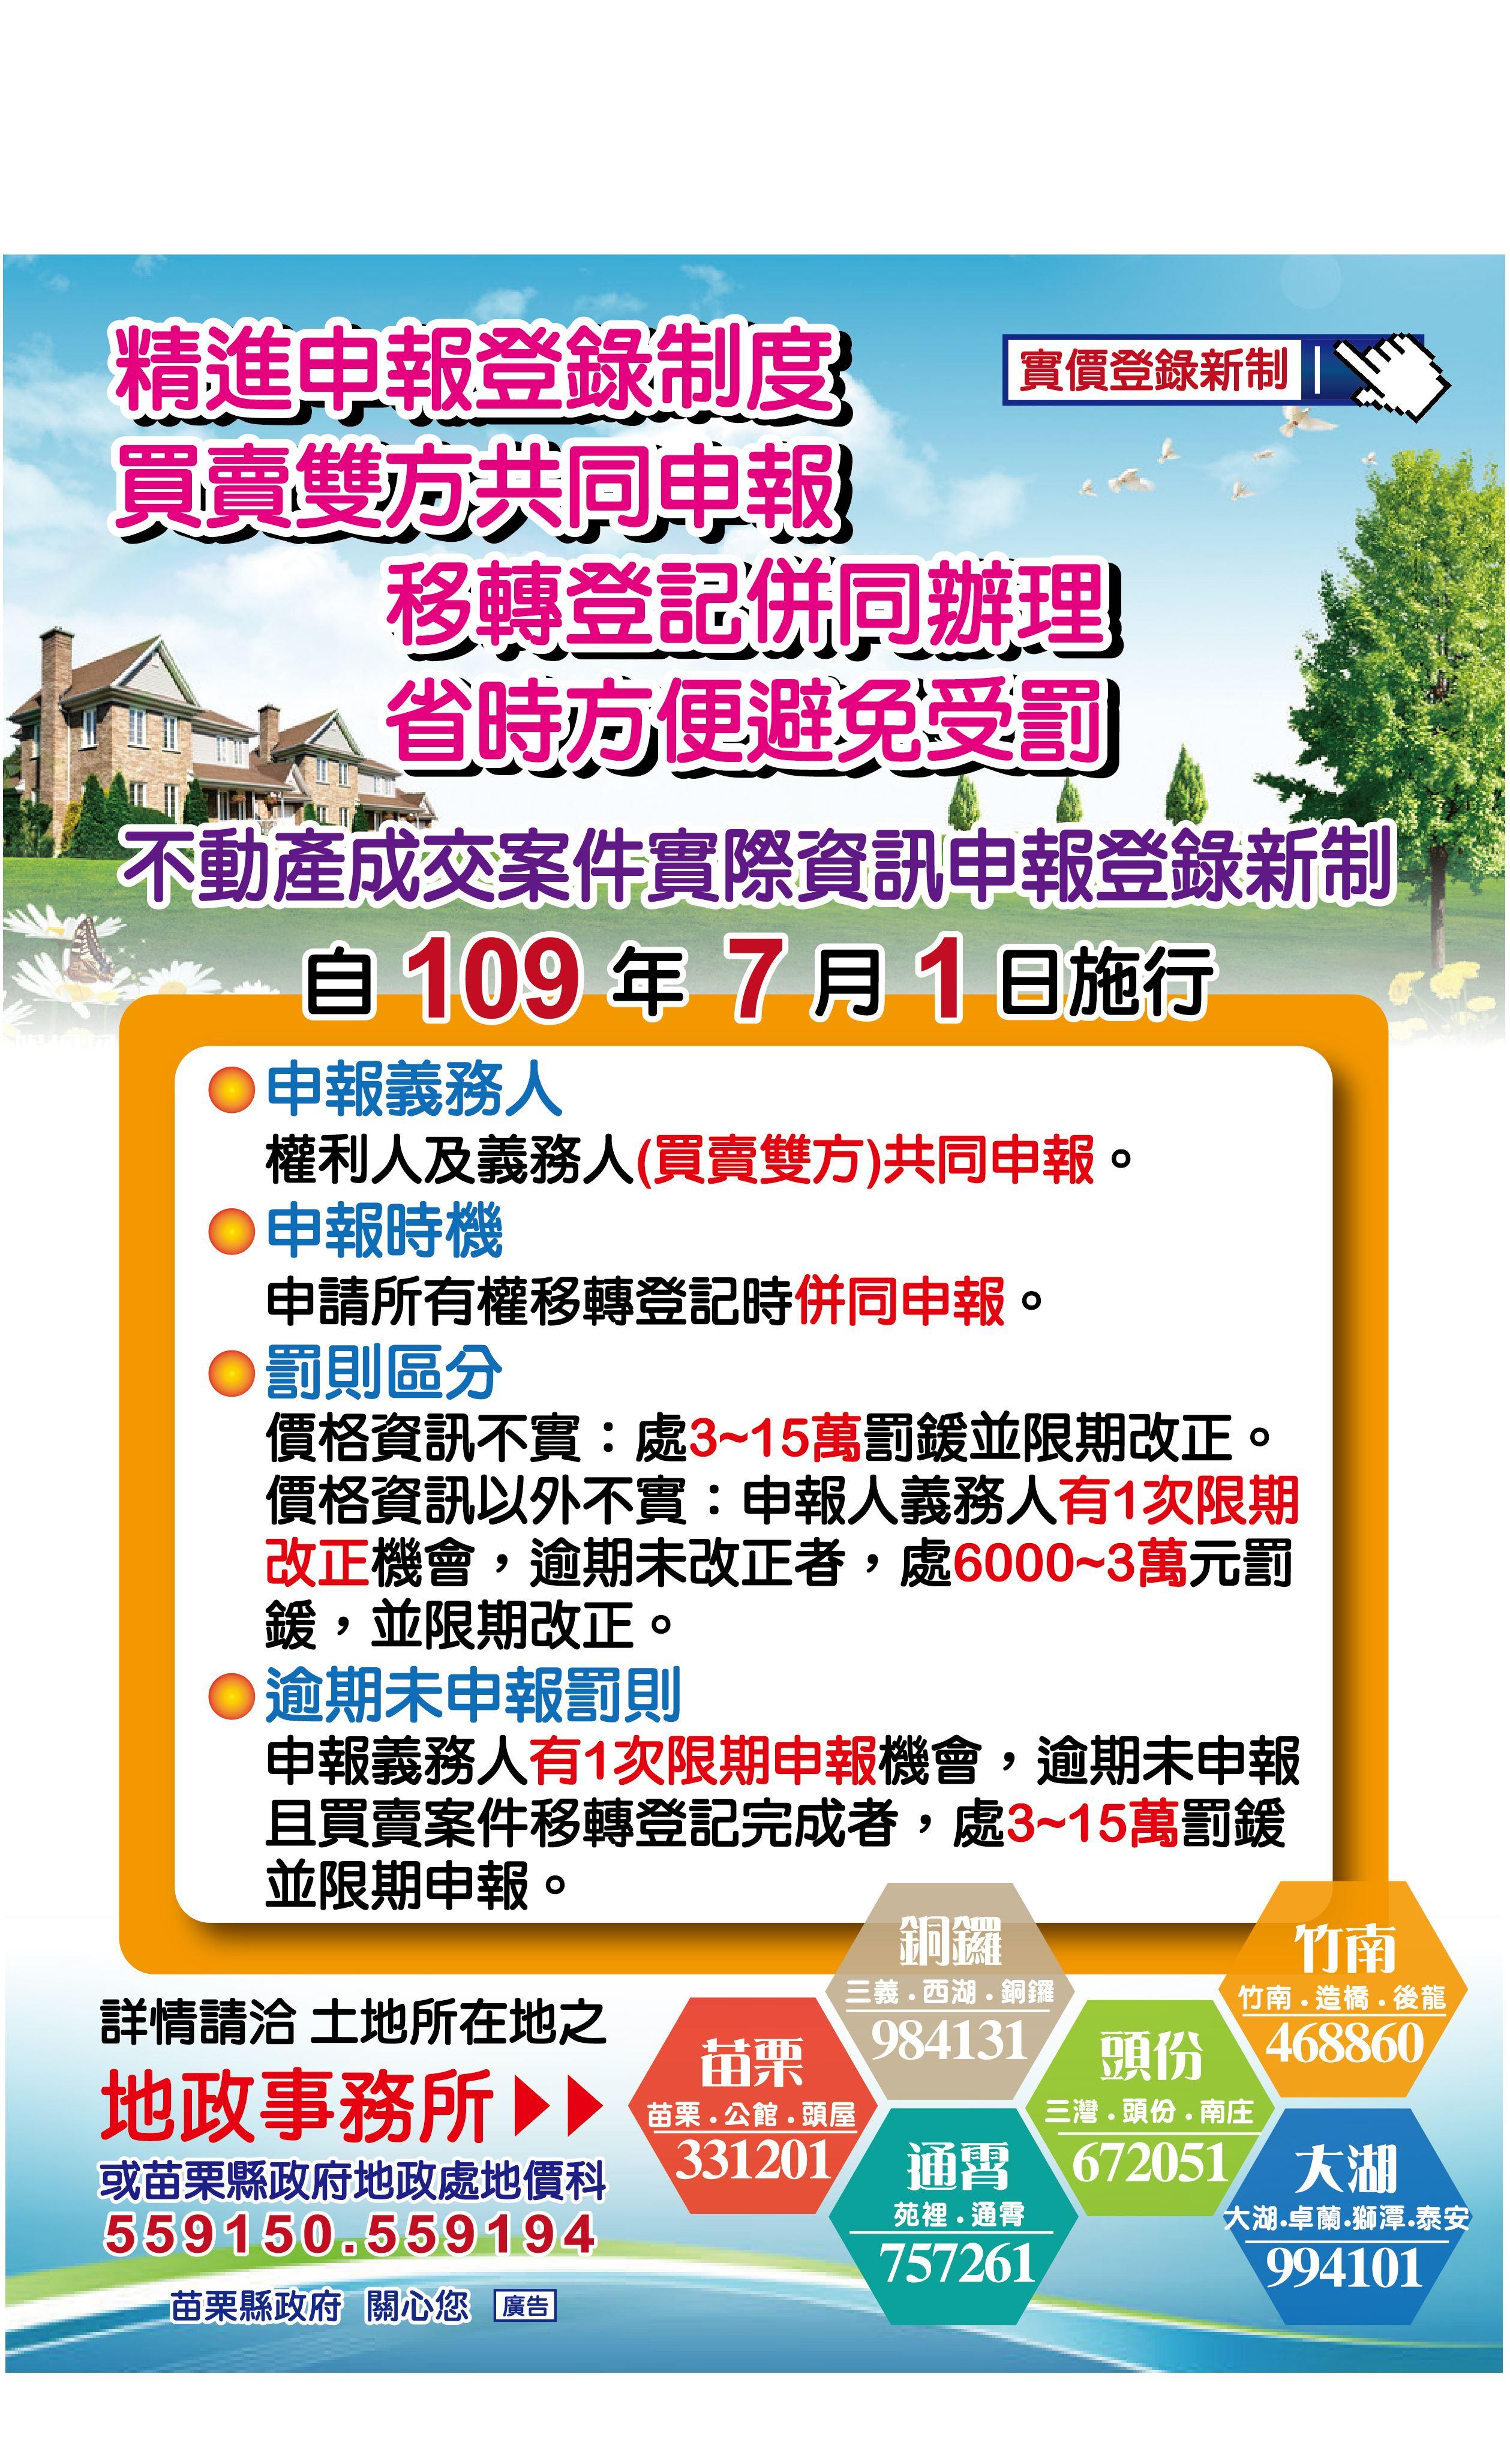 📣📣自109年7月1日起👉👉不動產買賣申報責任回歸買賣雙方👈👈